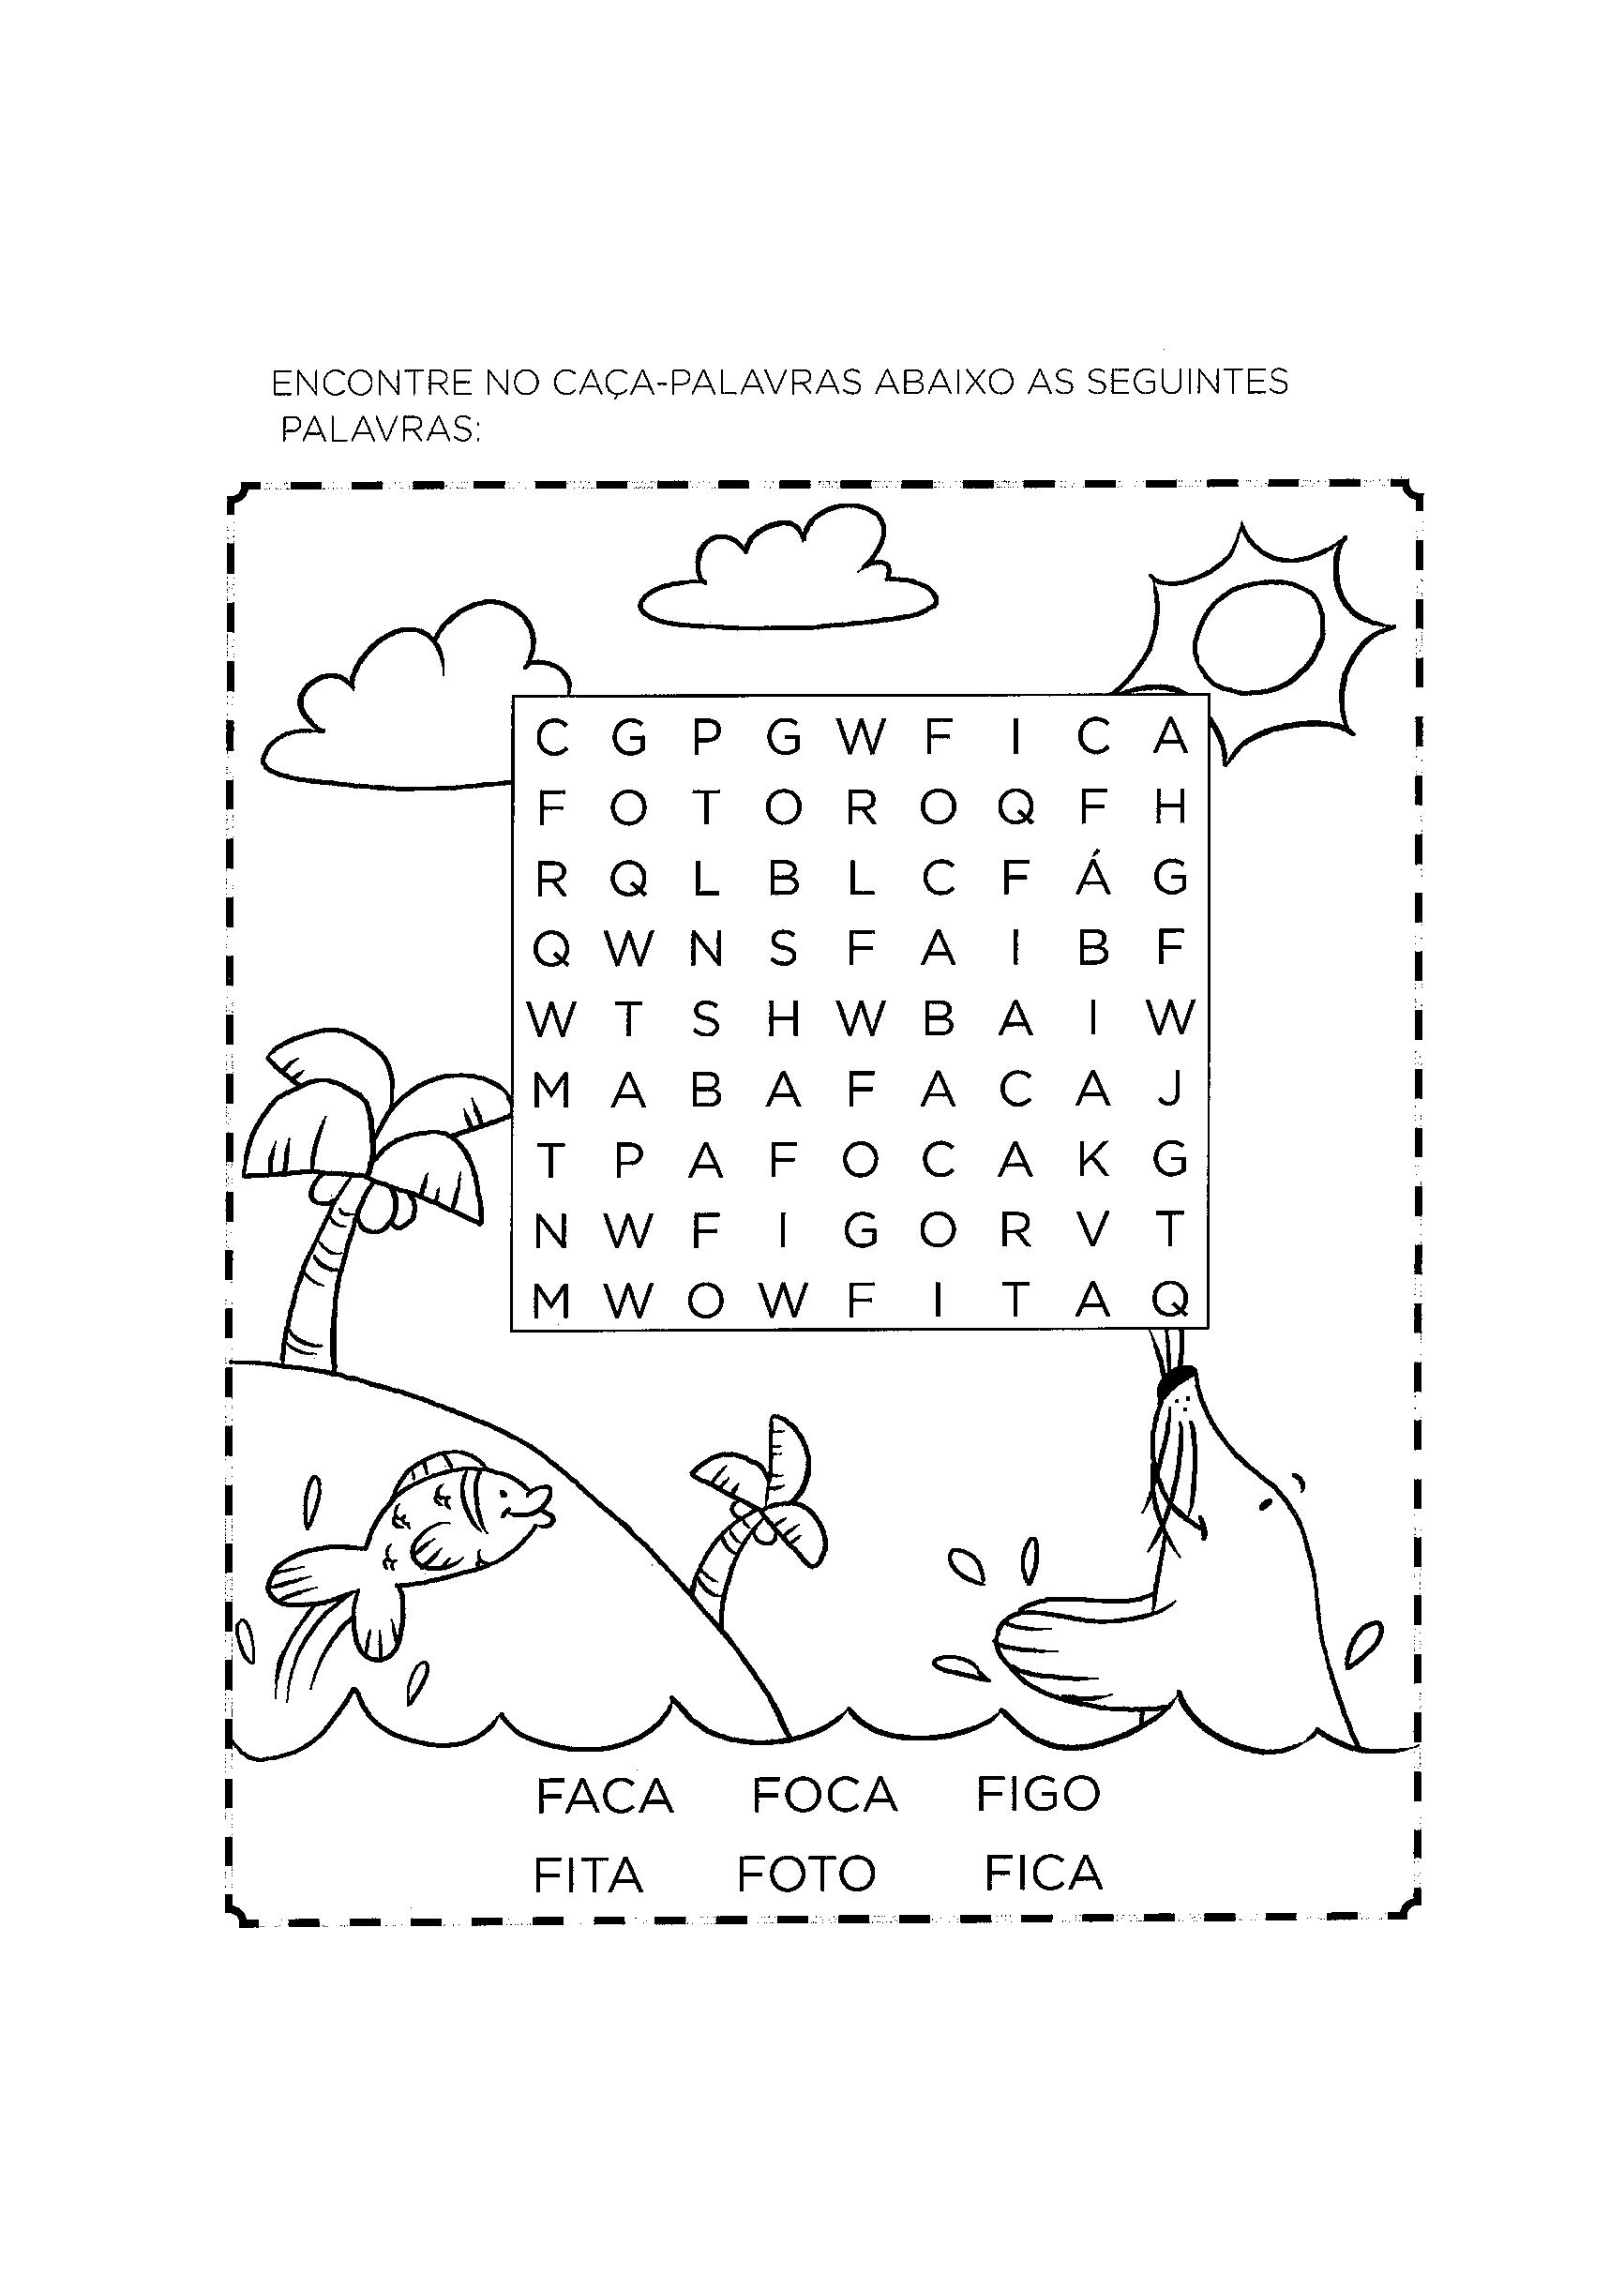 Caça-palavras das palavras com F